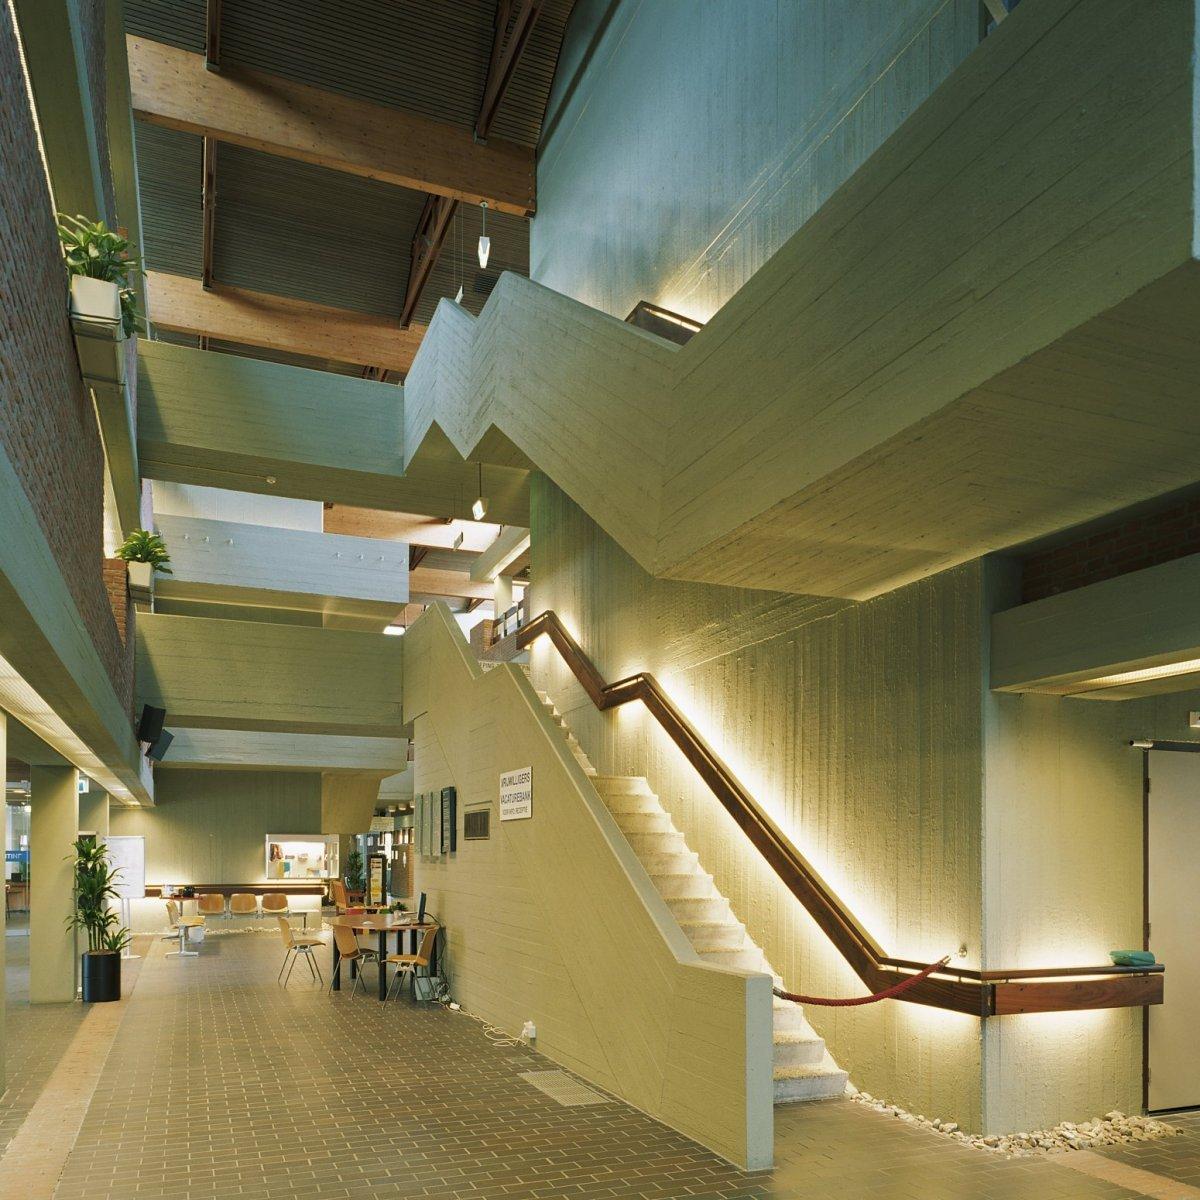 File:Interieur, zicht vanuit de centrale hal op galerijen en het ...